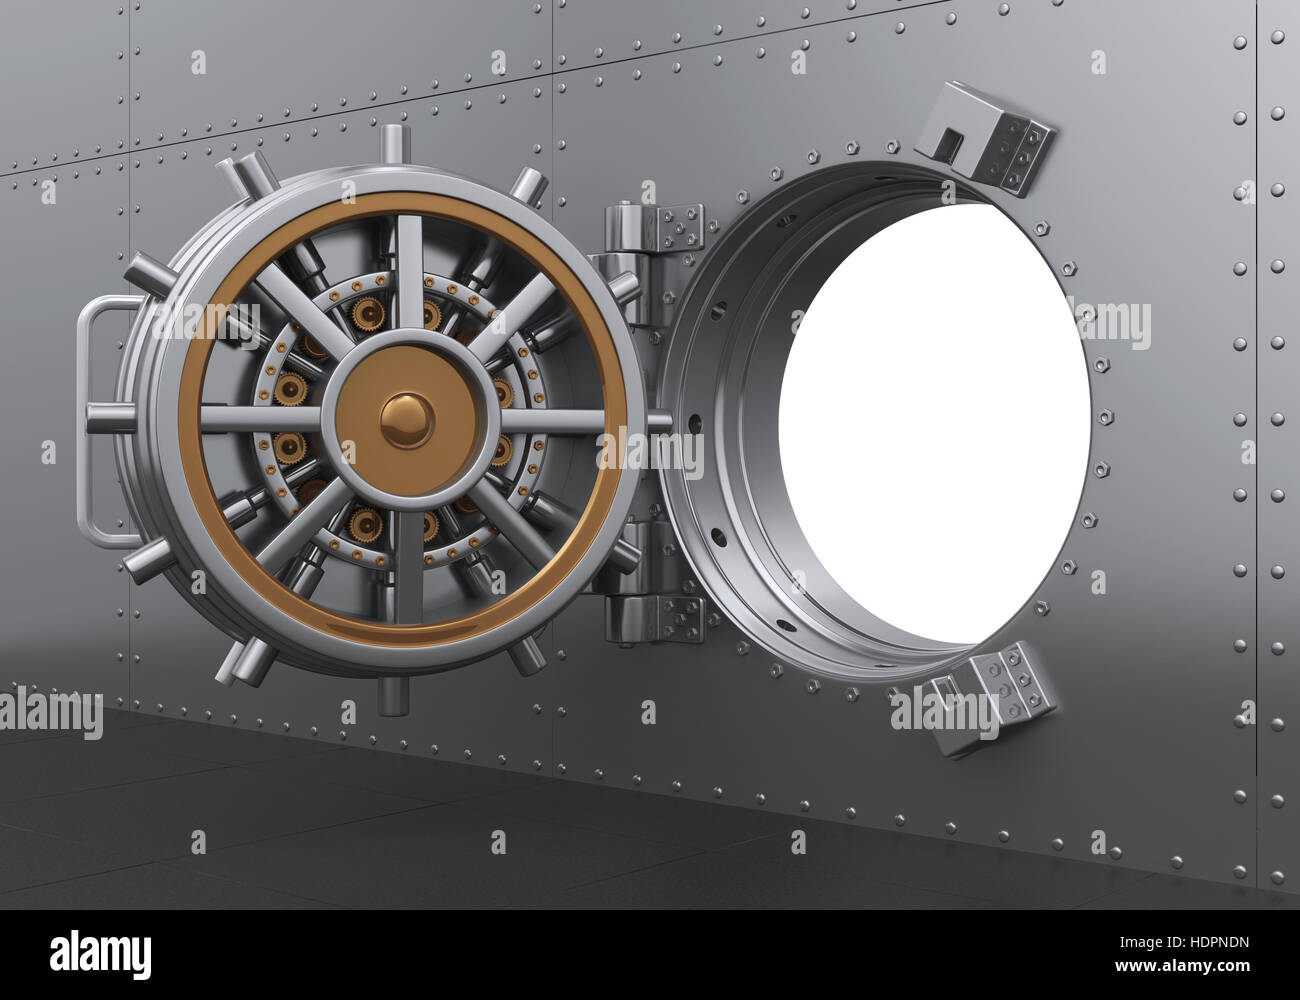 Open Bank Vault Door - Stock Image